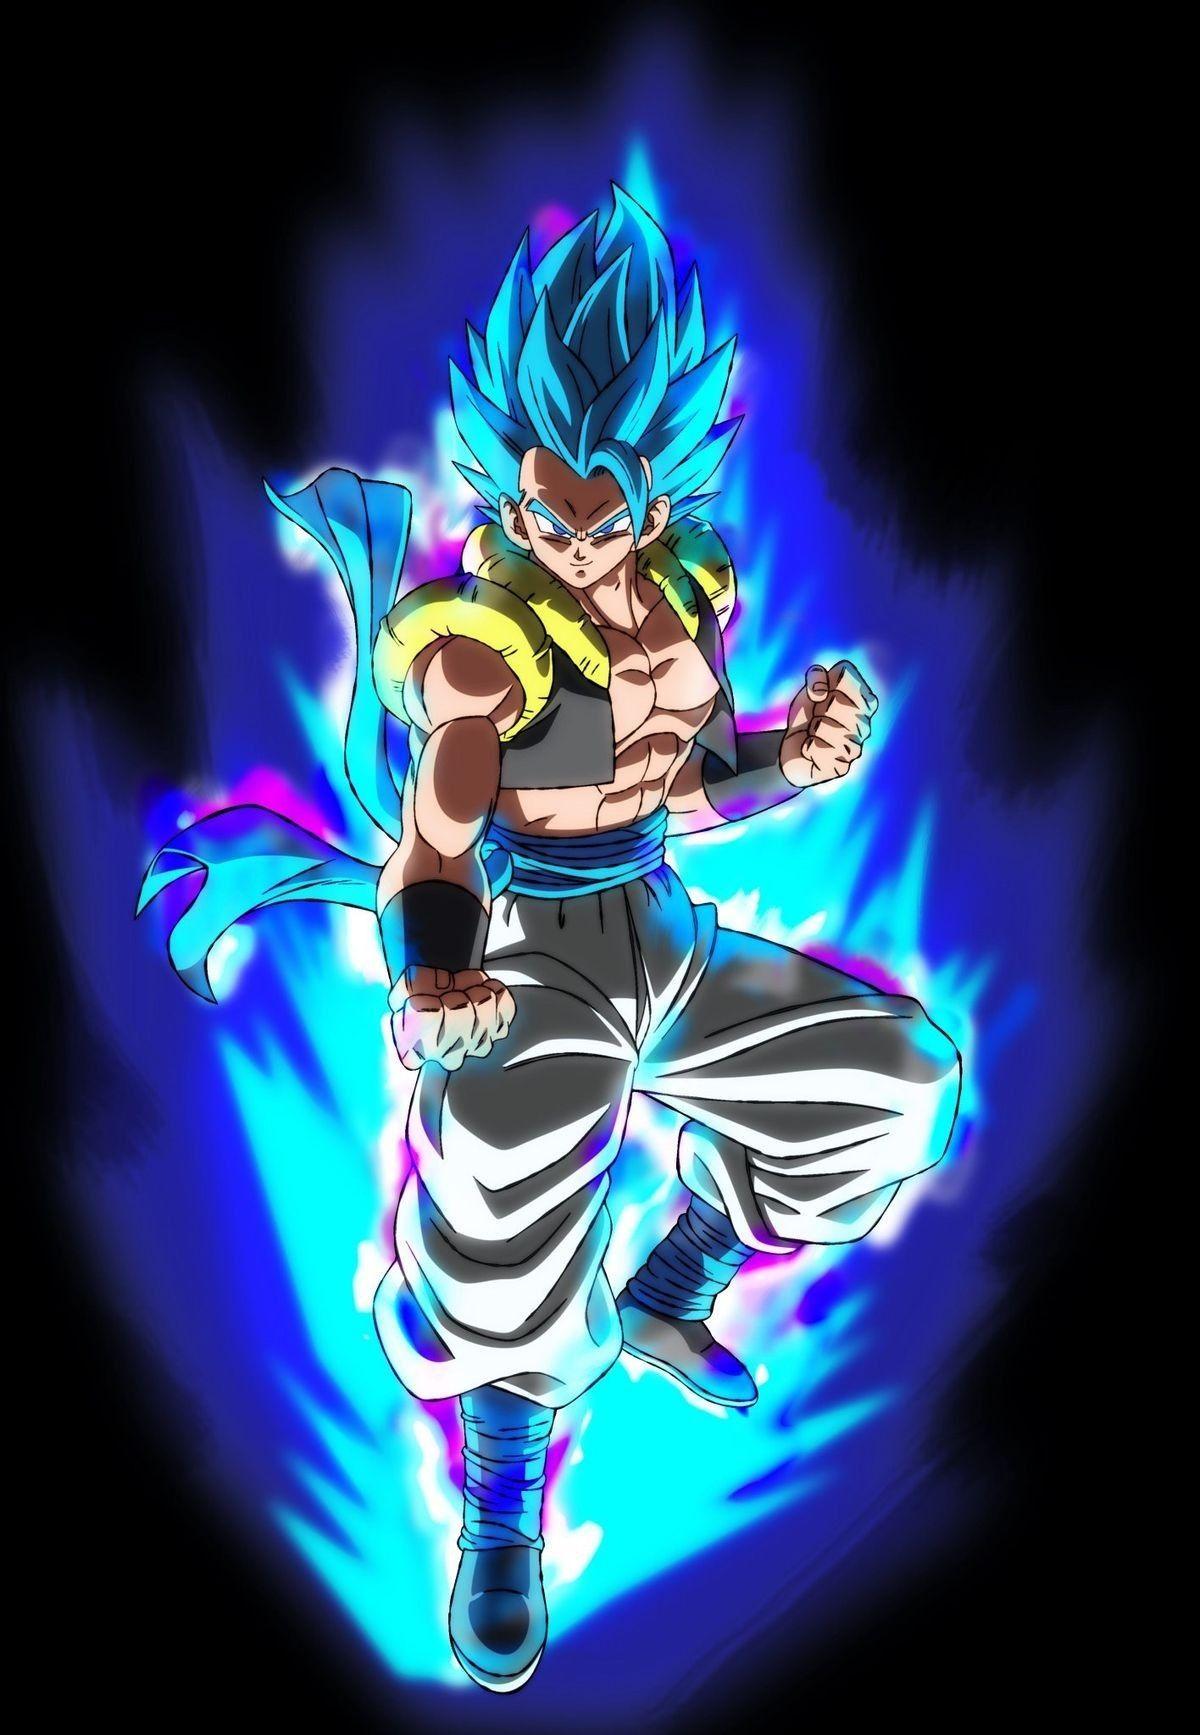 Ssb Gogeta Anime Dragon Ball Anime Dragon Ball Super Dragon Ball Artwork